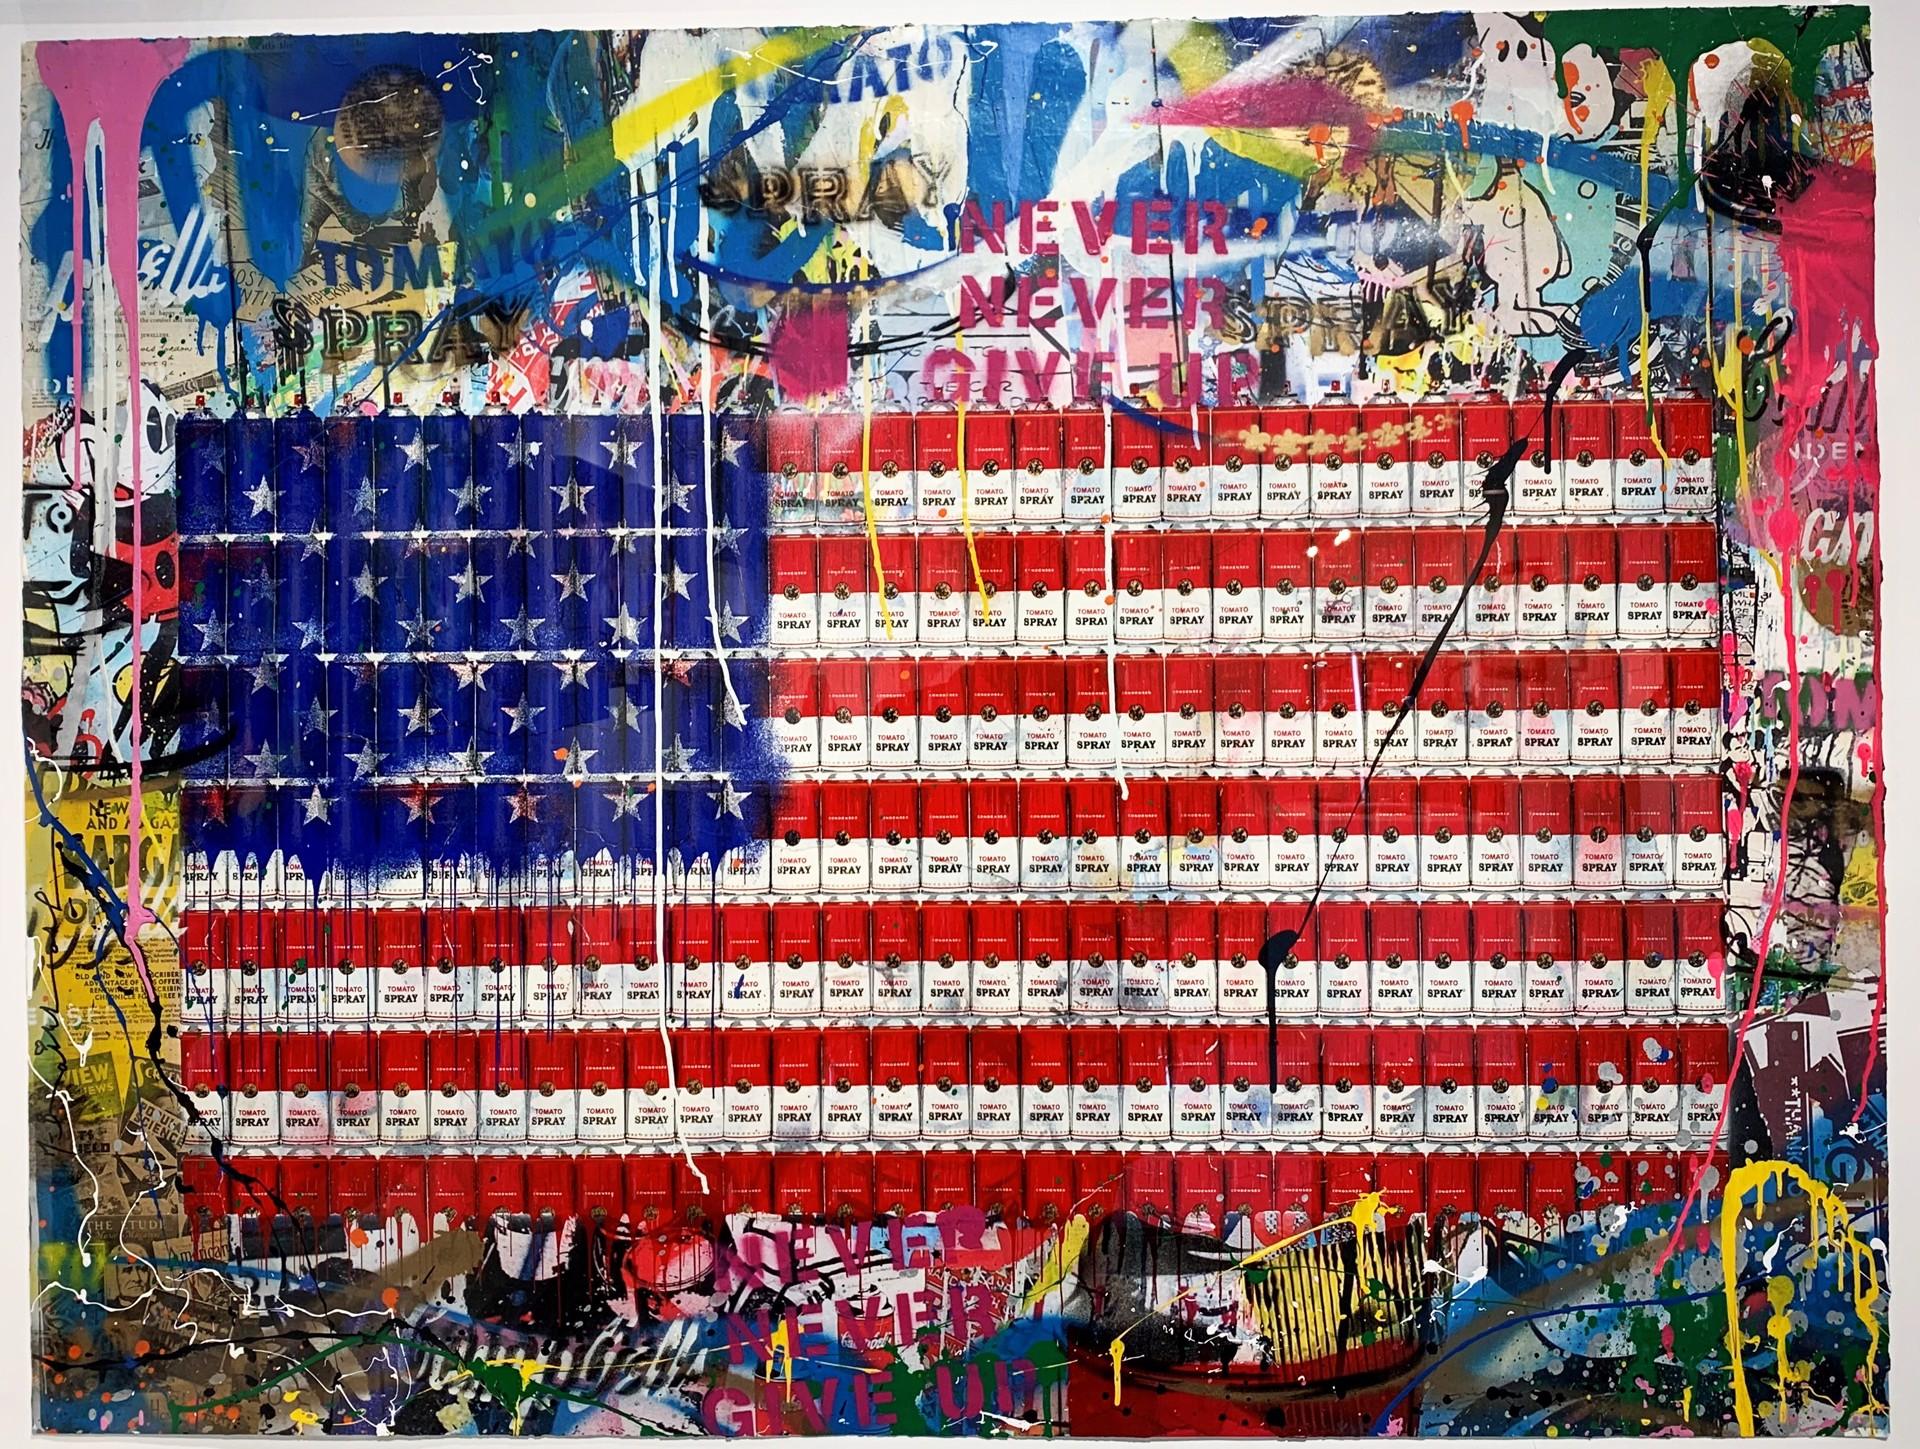 AmeriCan Dream by Mr. Brainwash (b. 1966)